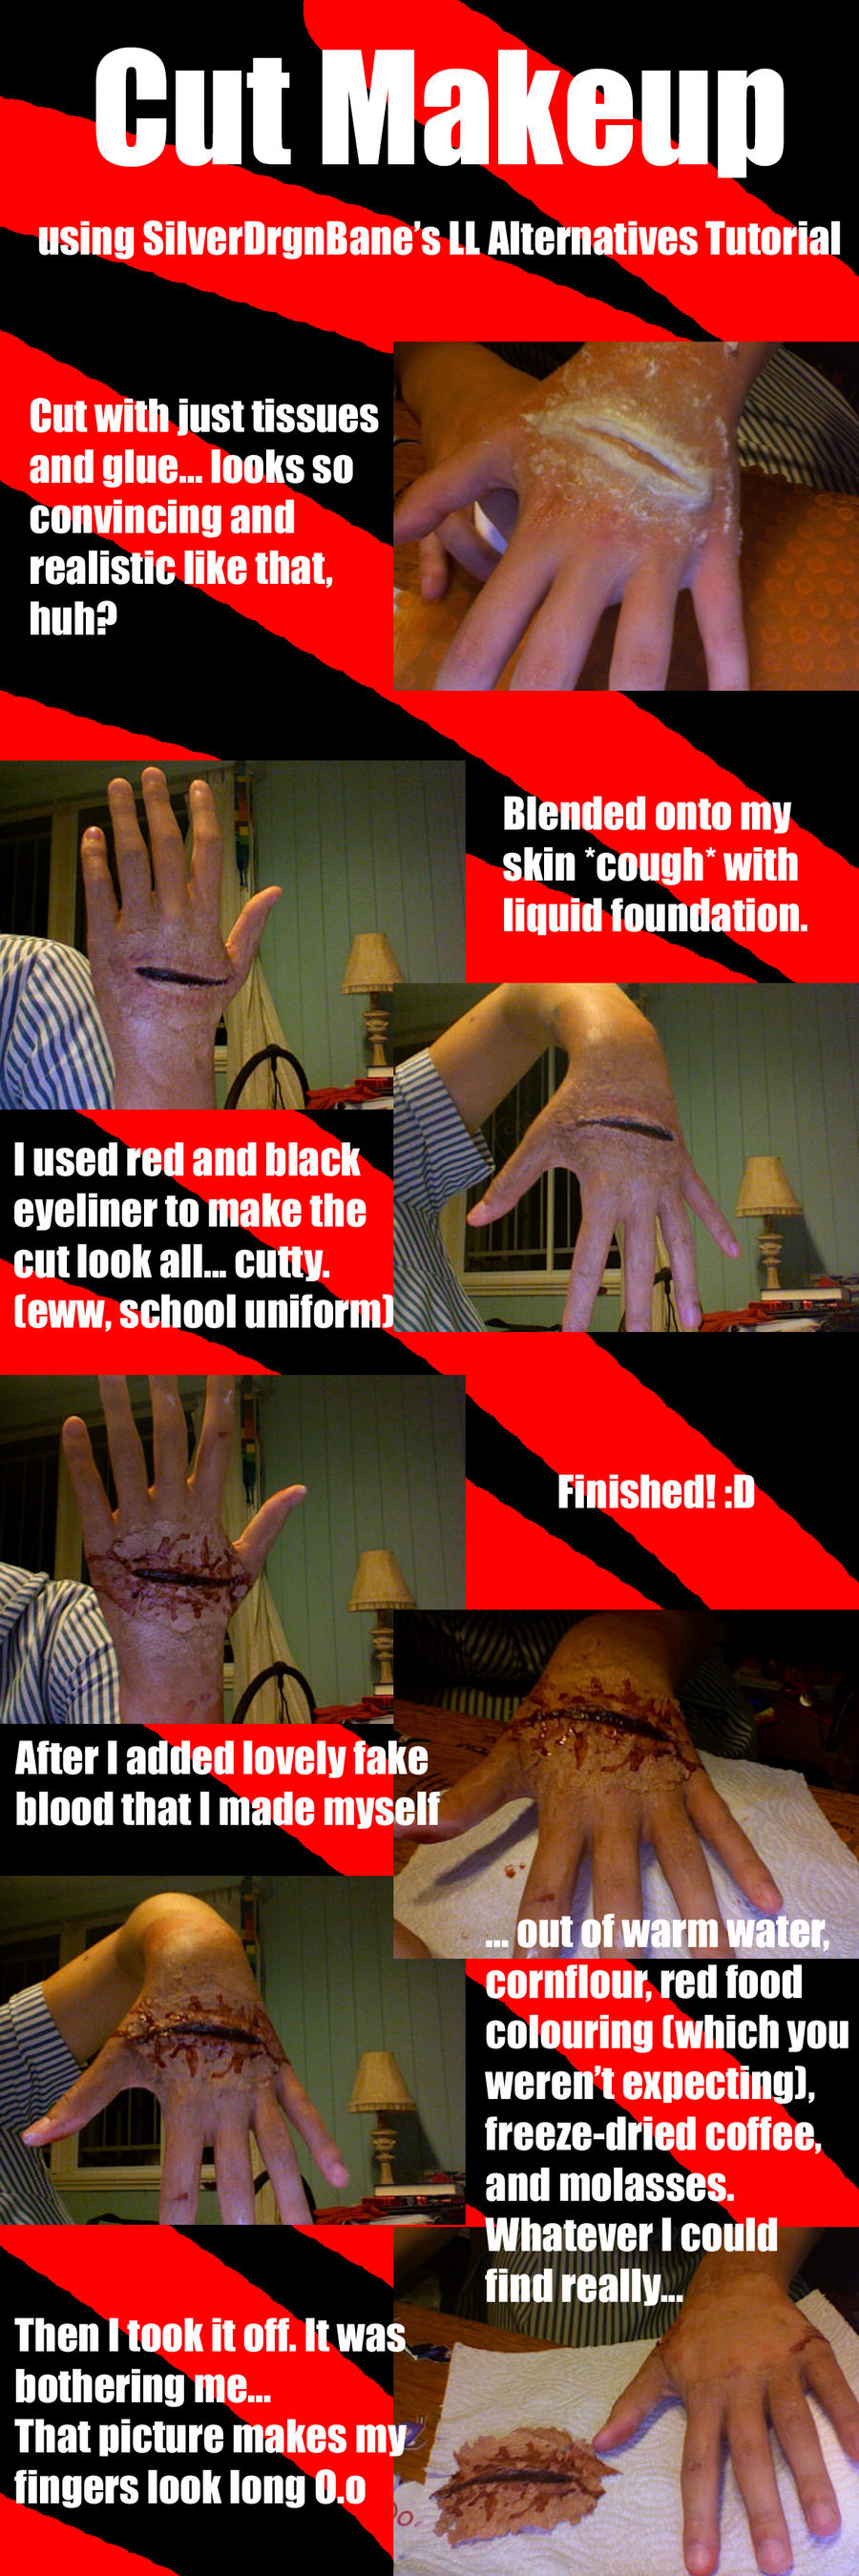 Cut Makeup